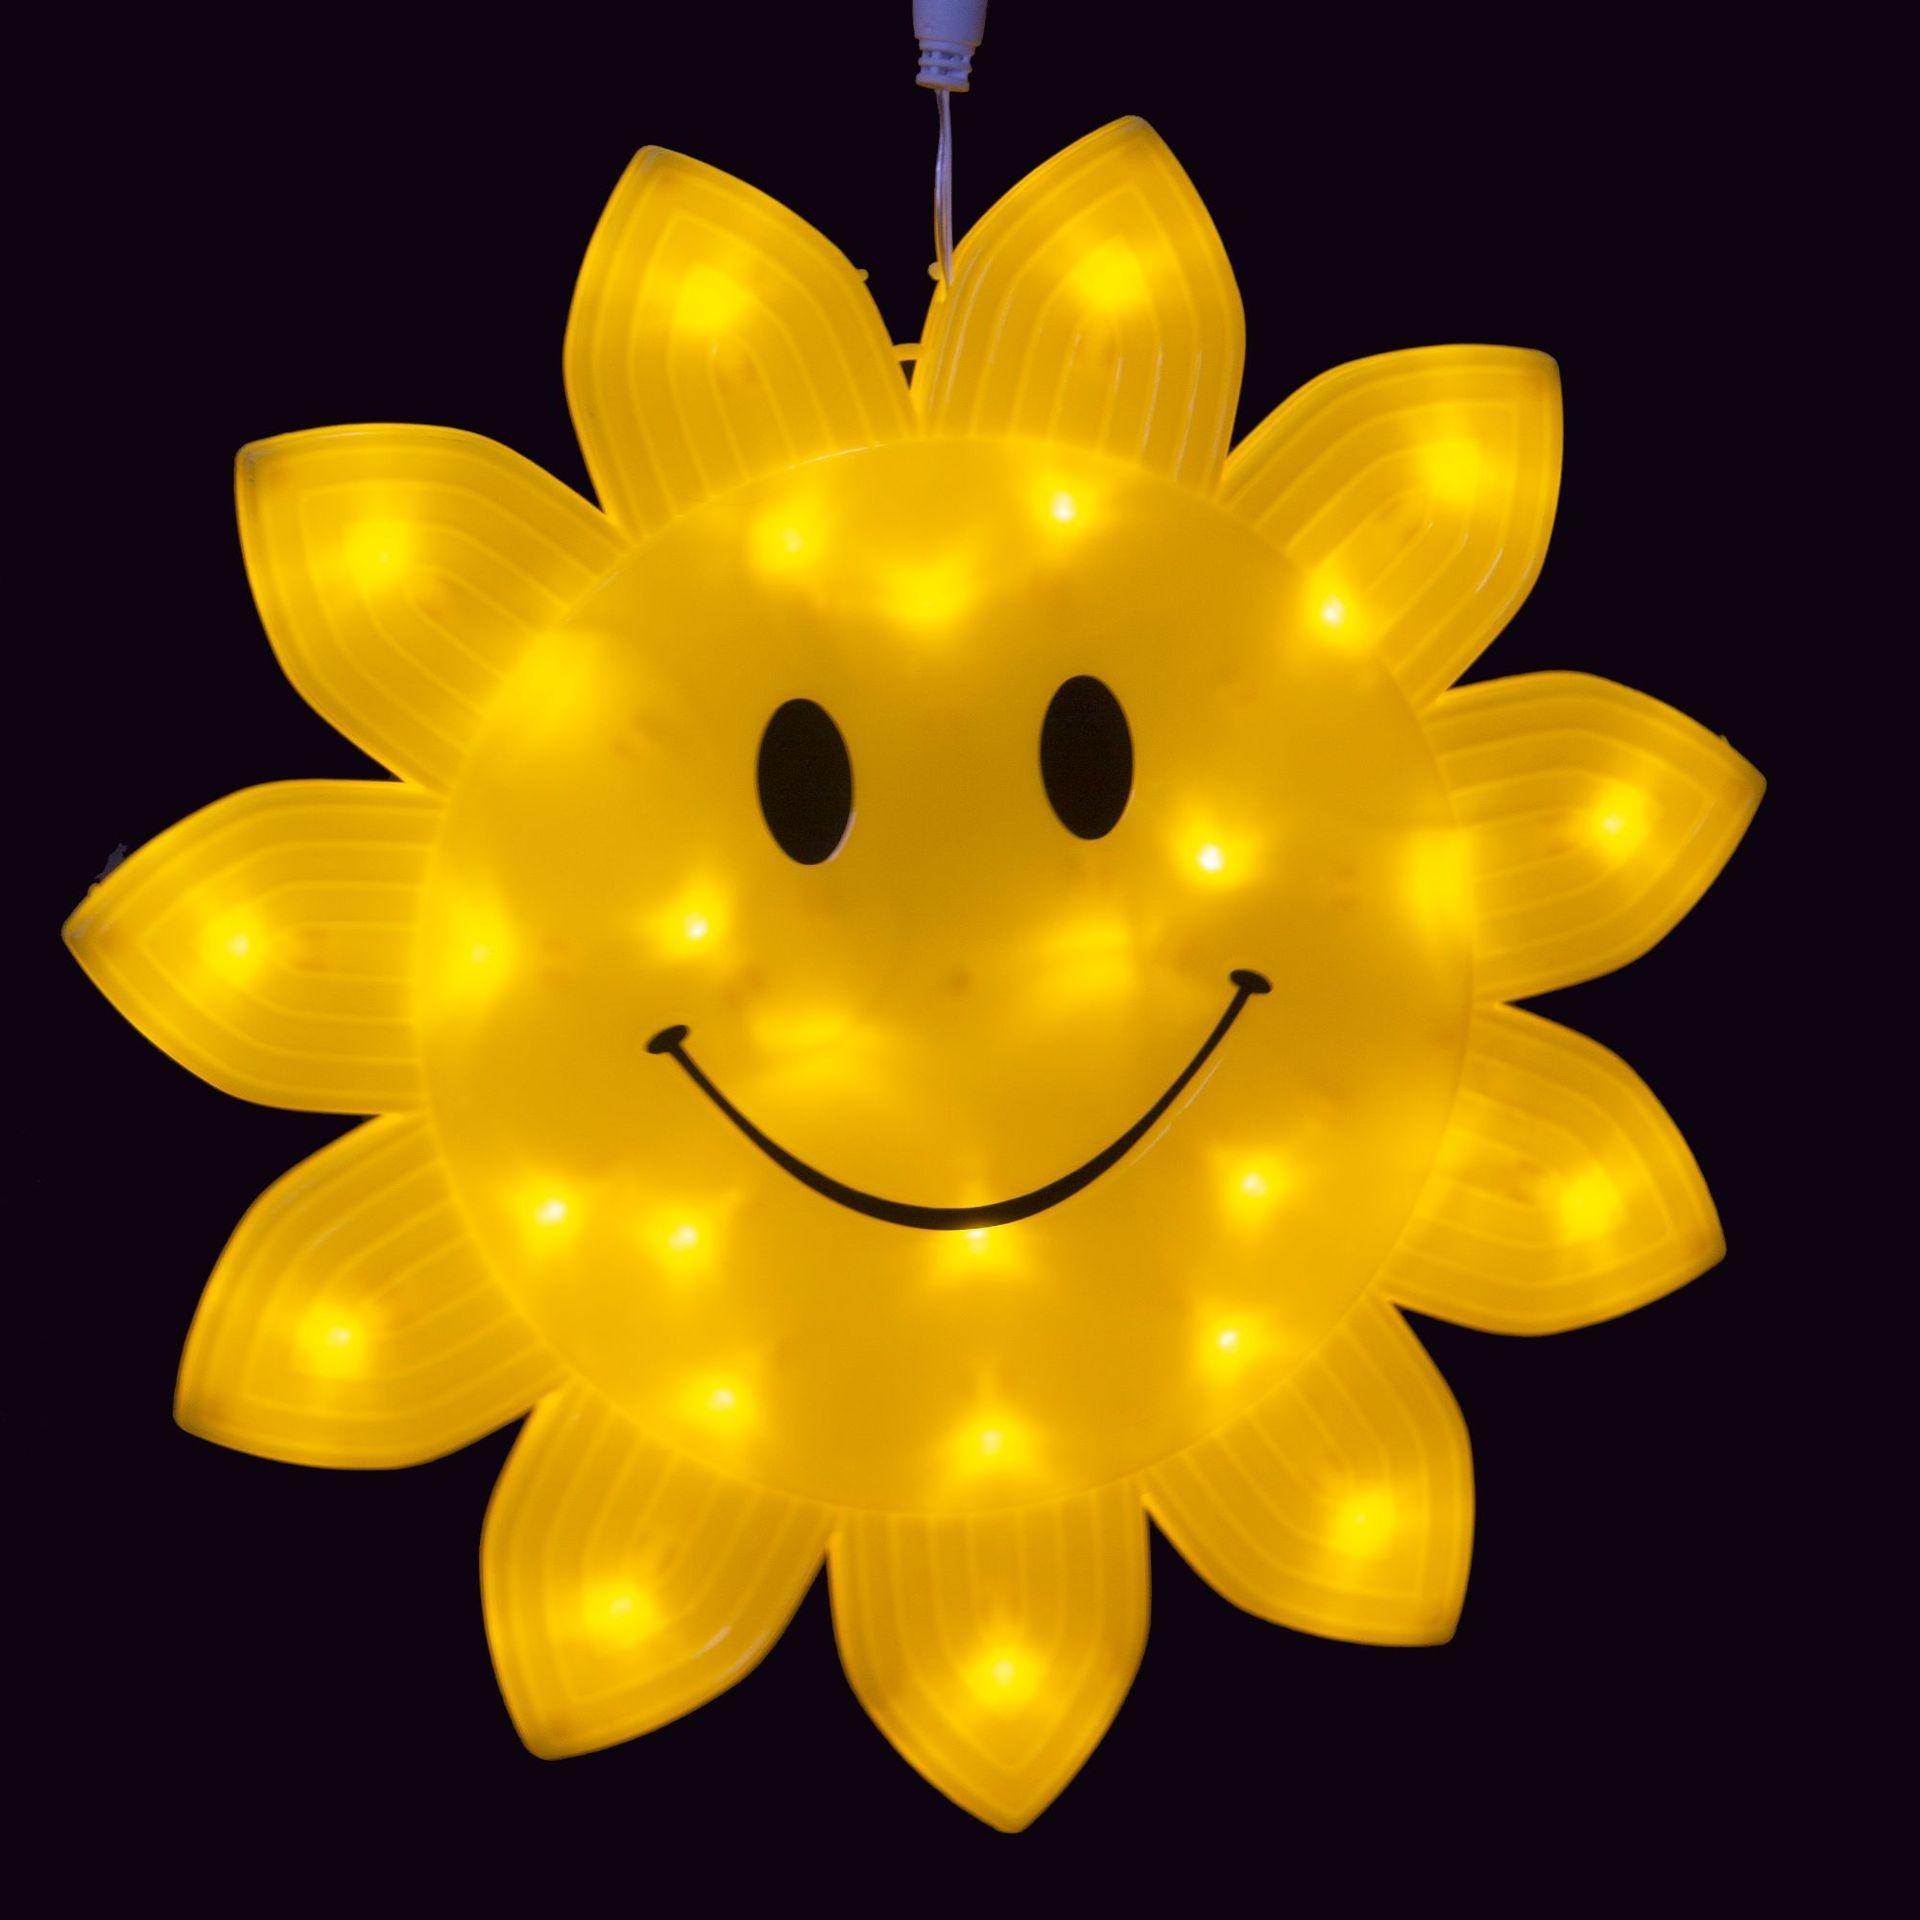 led景观亮化笑脸灯 雪花造型灯 LED节日亮化圣诞装饰灯 防水满天星灯串节日灯型号LGM-JRDHX-008